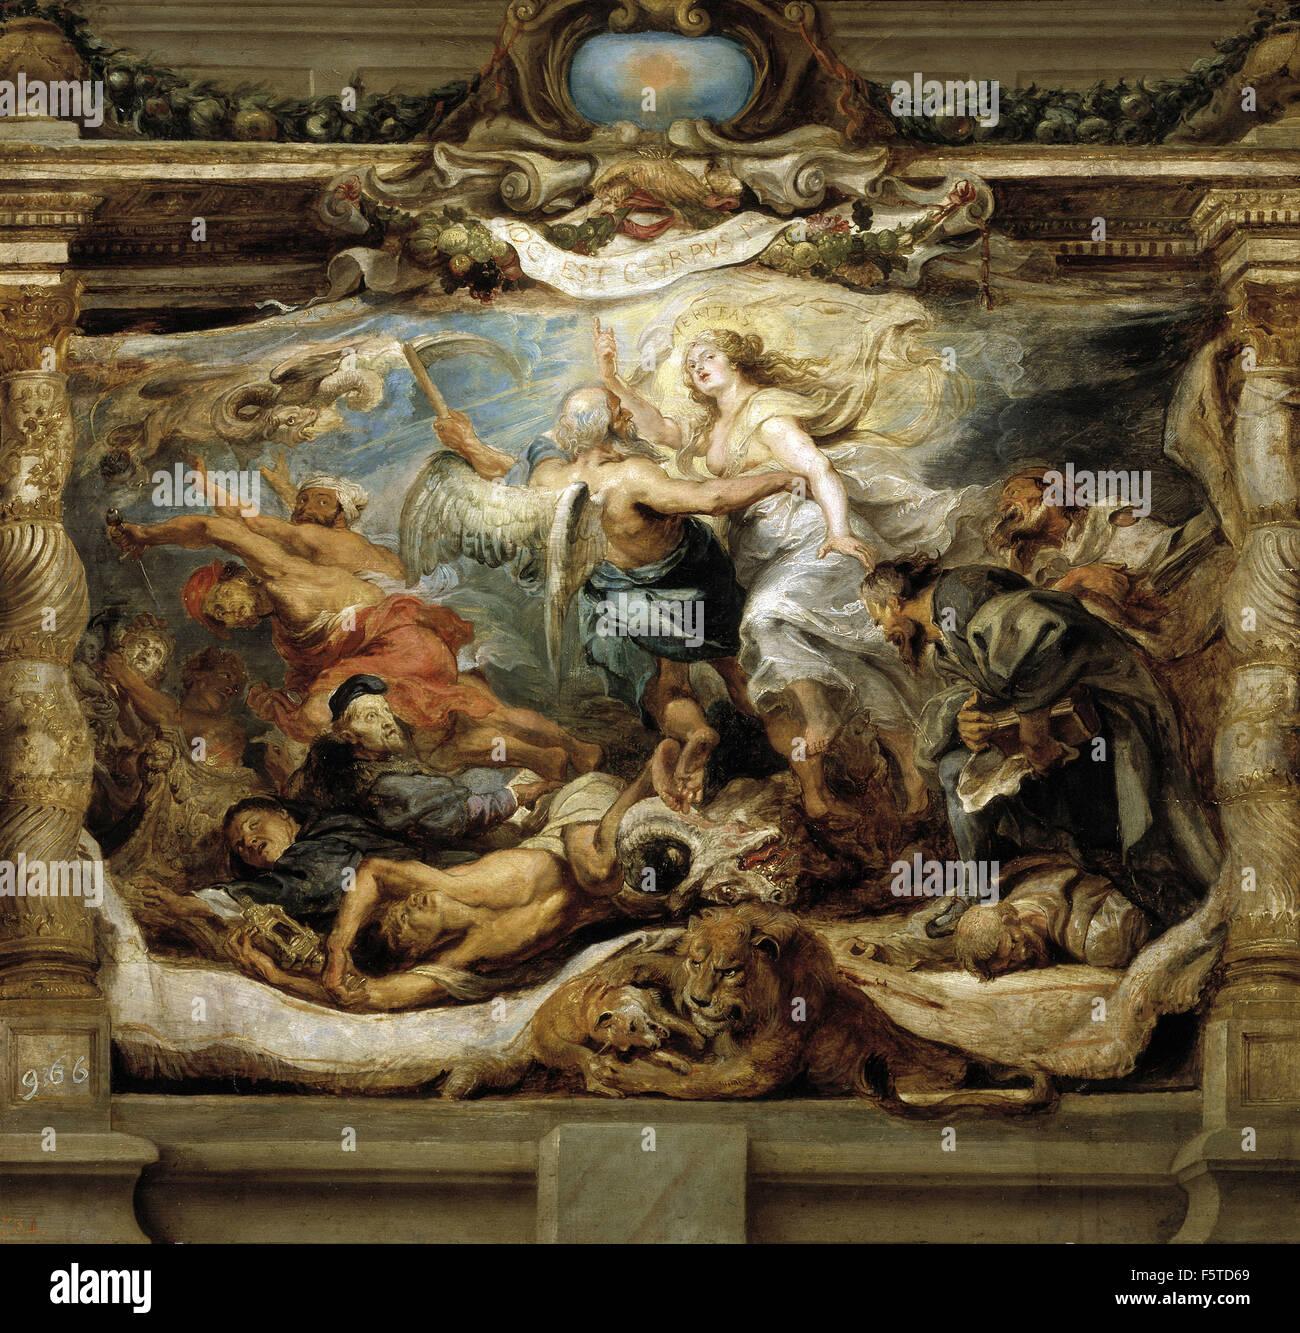 Peter Paul Rubens - La victoria de la Verdad sobre la herejía Imagen De Stock